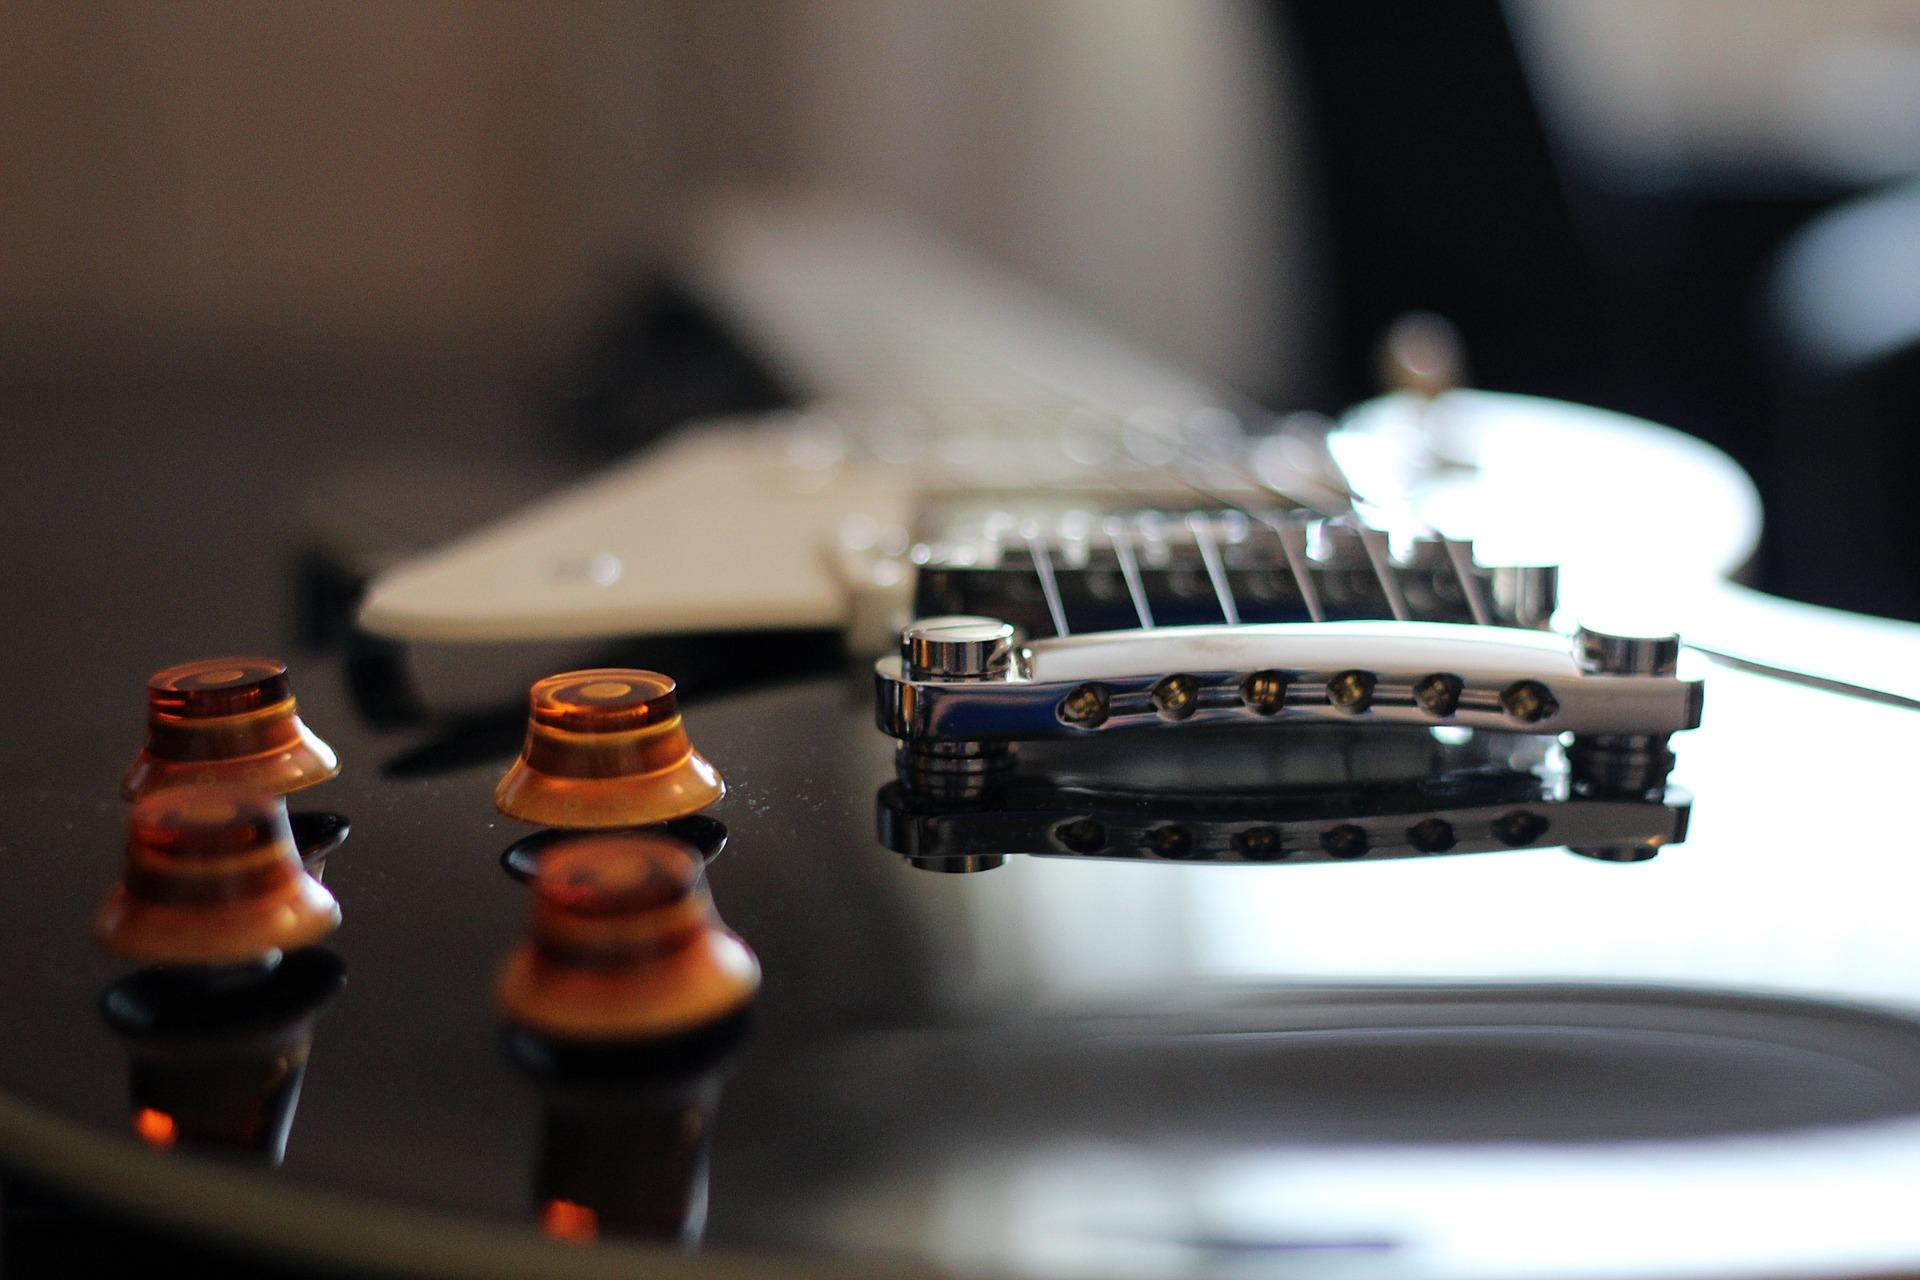 guitar 953254 1920 jpg [ 1500 x 1000 Pixel ]